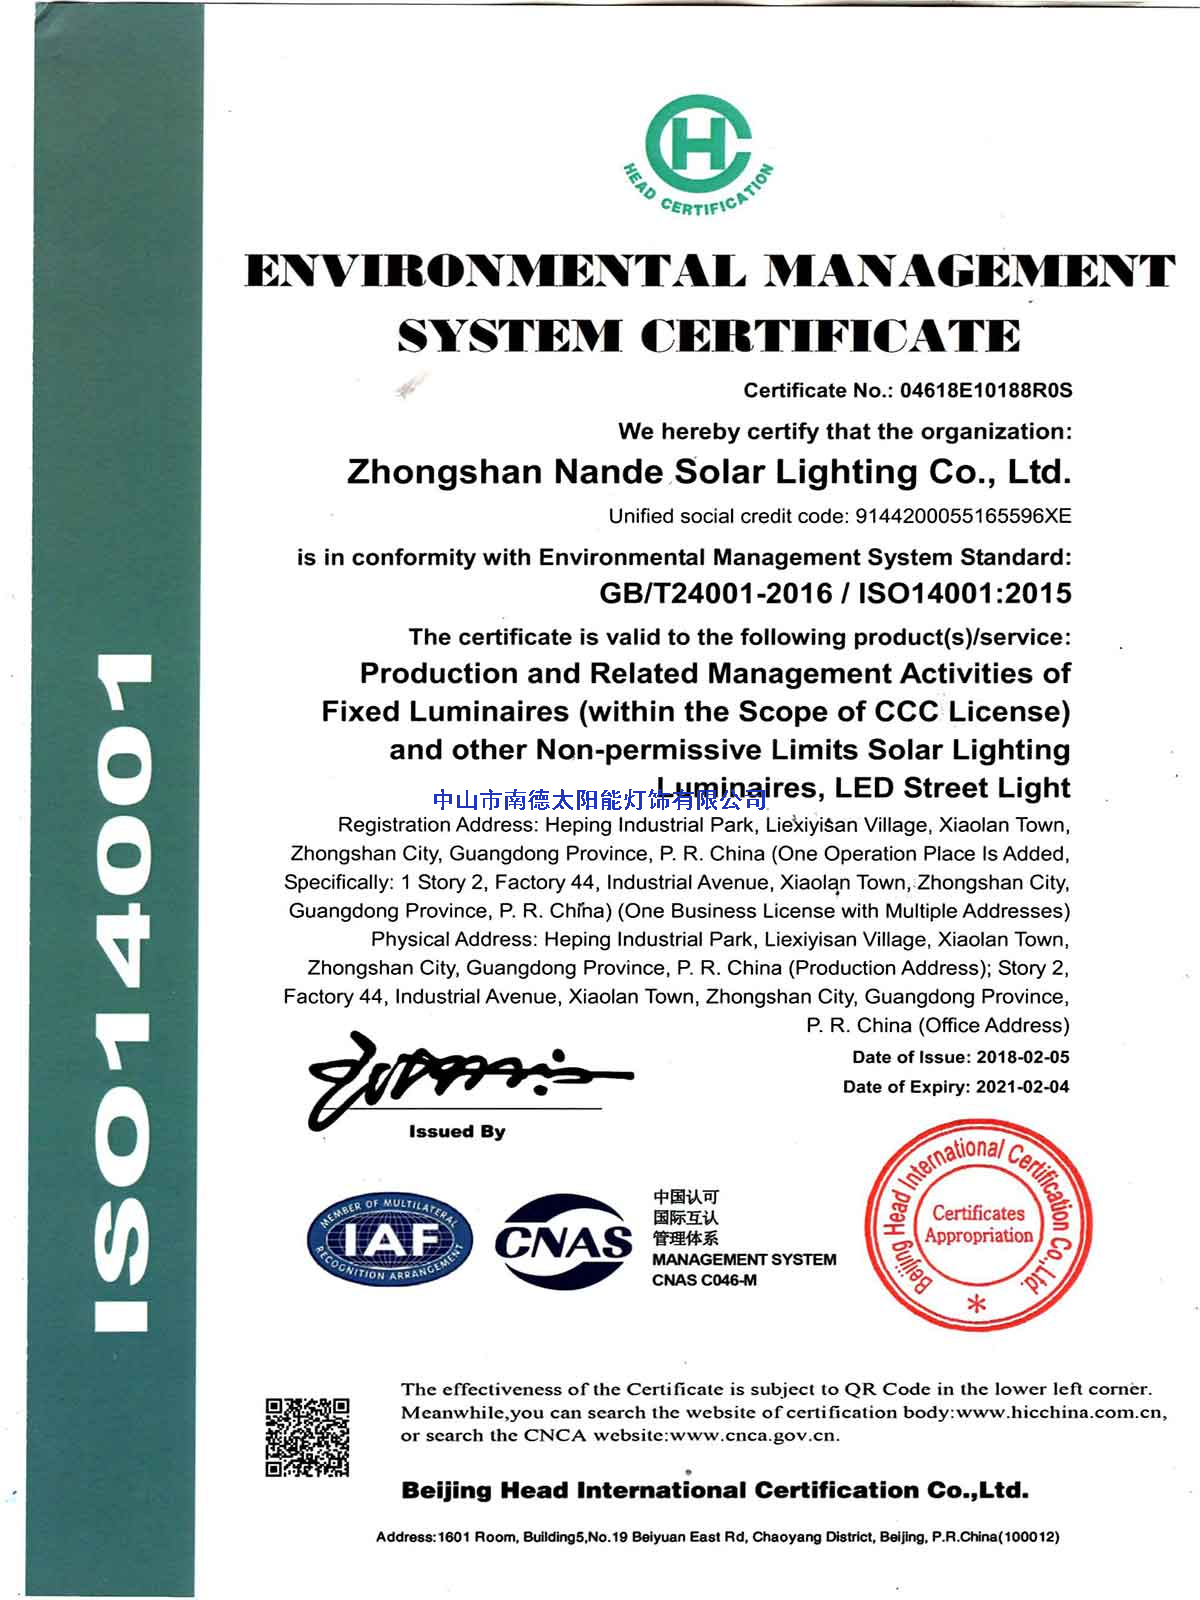 环境管理体系认证证书,英文版